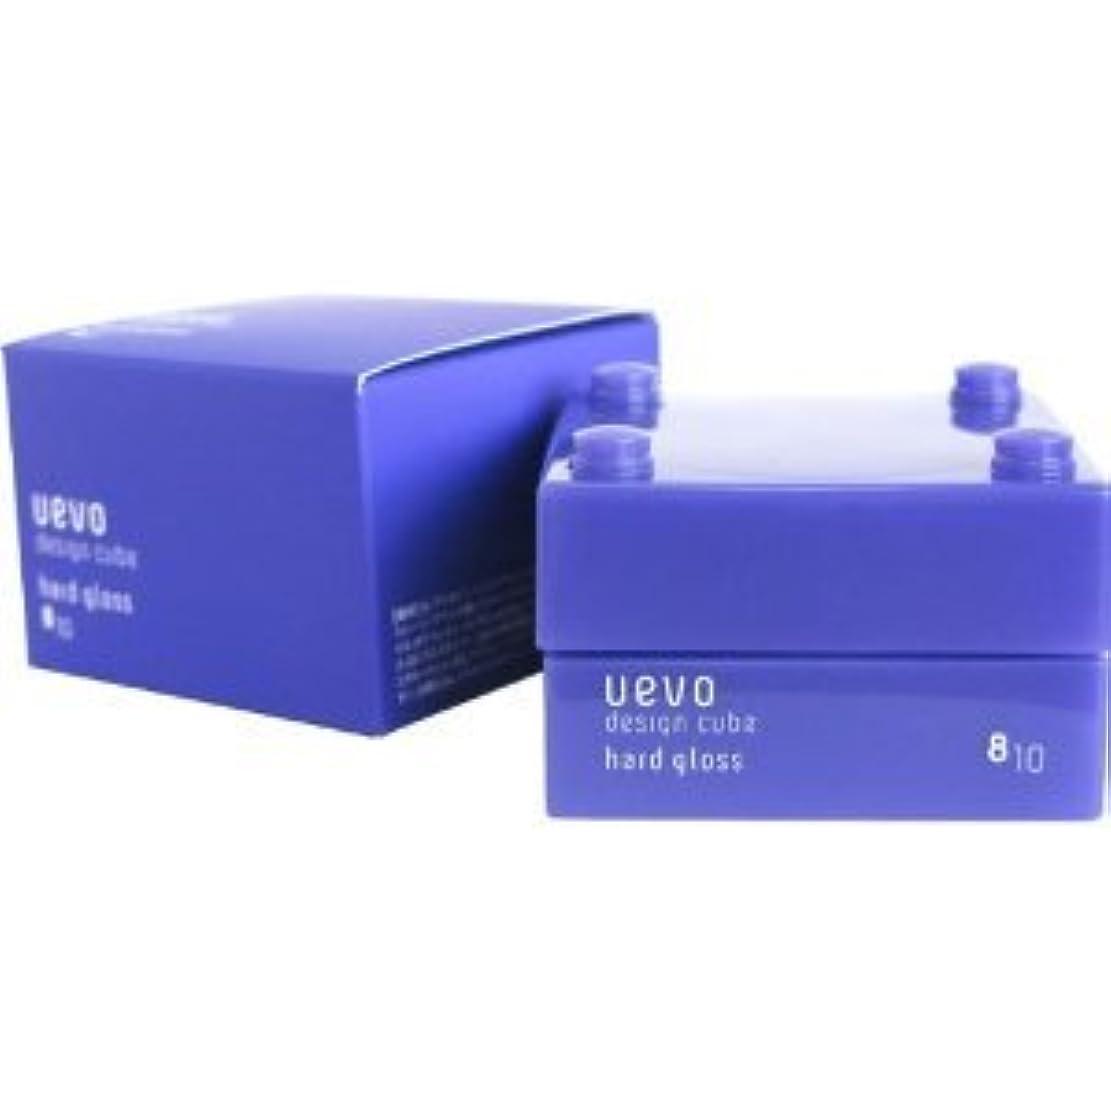 ギャングスター着服強化する【X3個セット】 デミ ウェーボ デザインキューブ ハードグロス 30g hard gloss DEMI uevo design cube